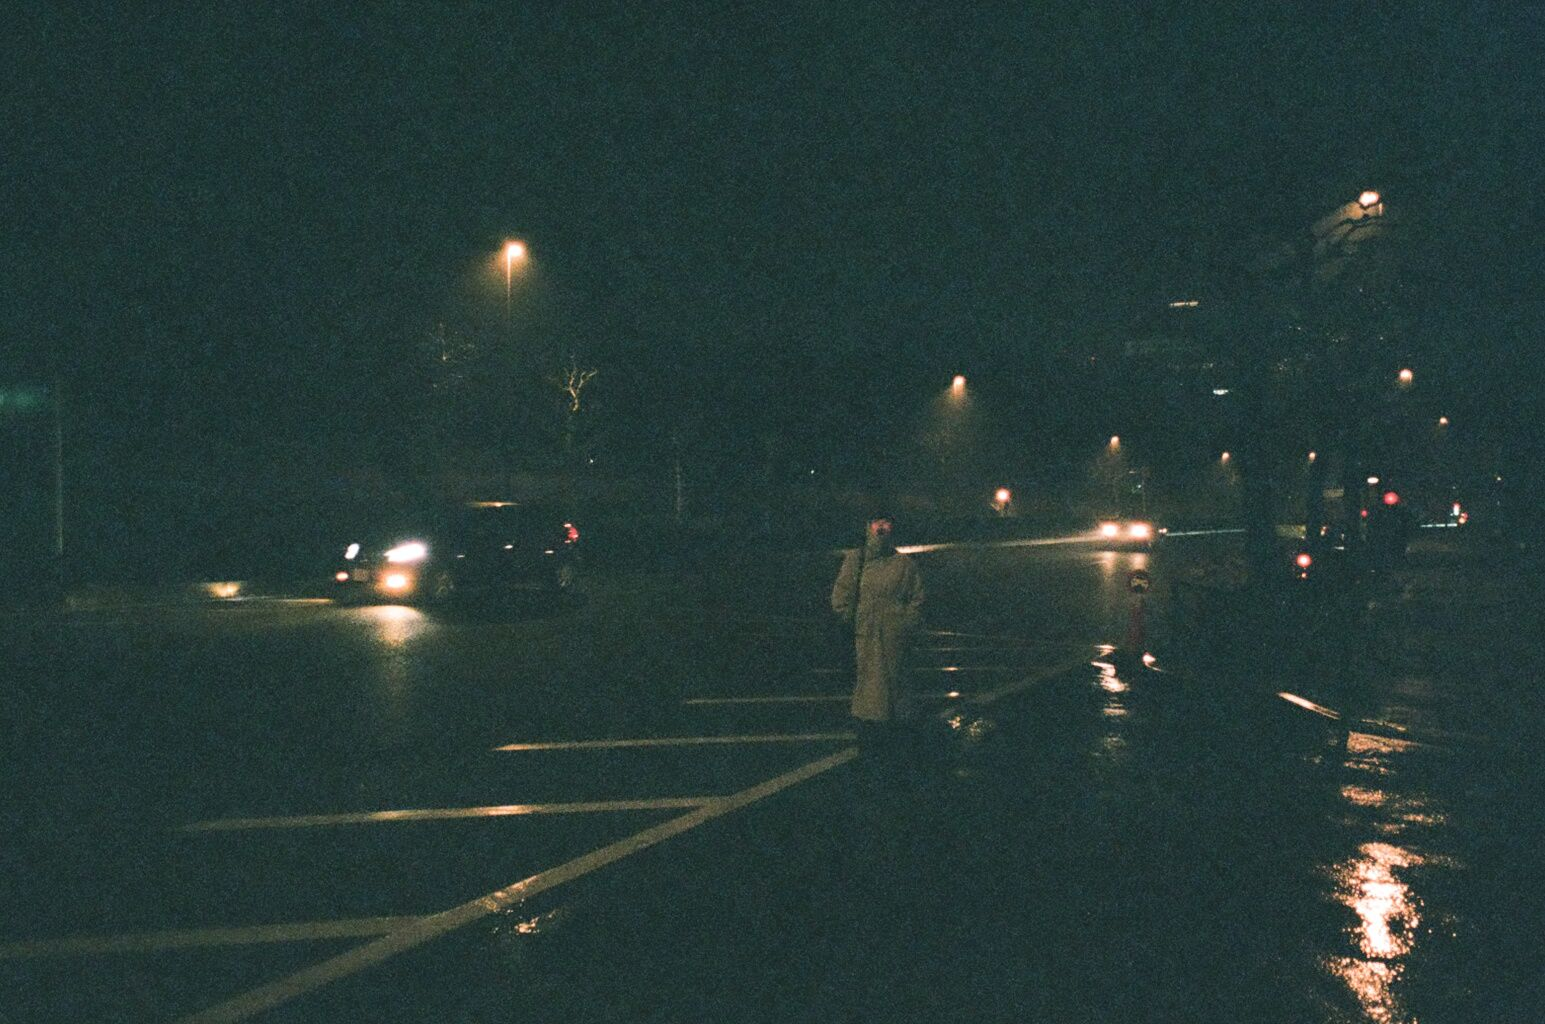 雨ニ負ケナイオシャレナカッパ_f0170995_20172533.jpg